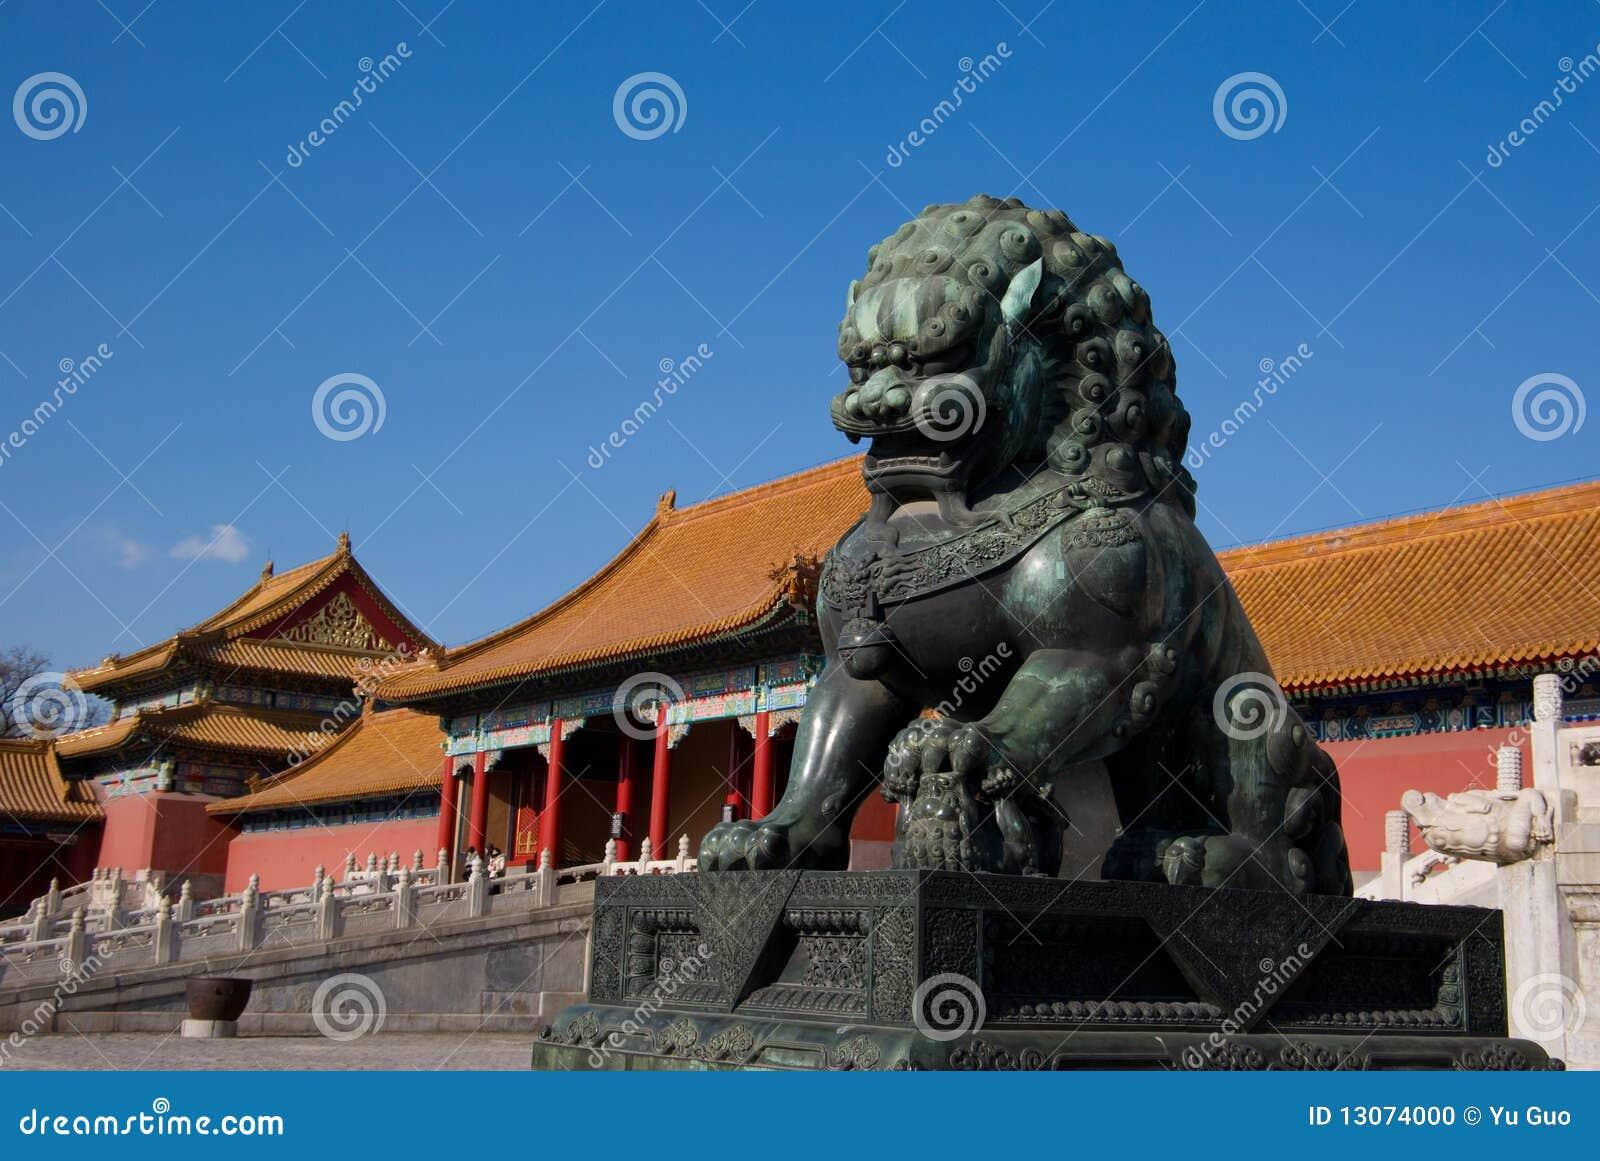 De leeuw van het brons